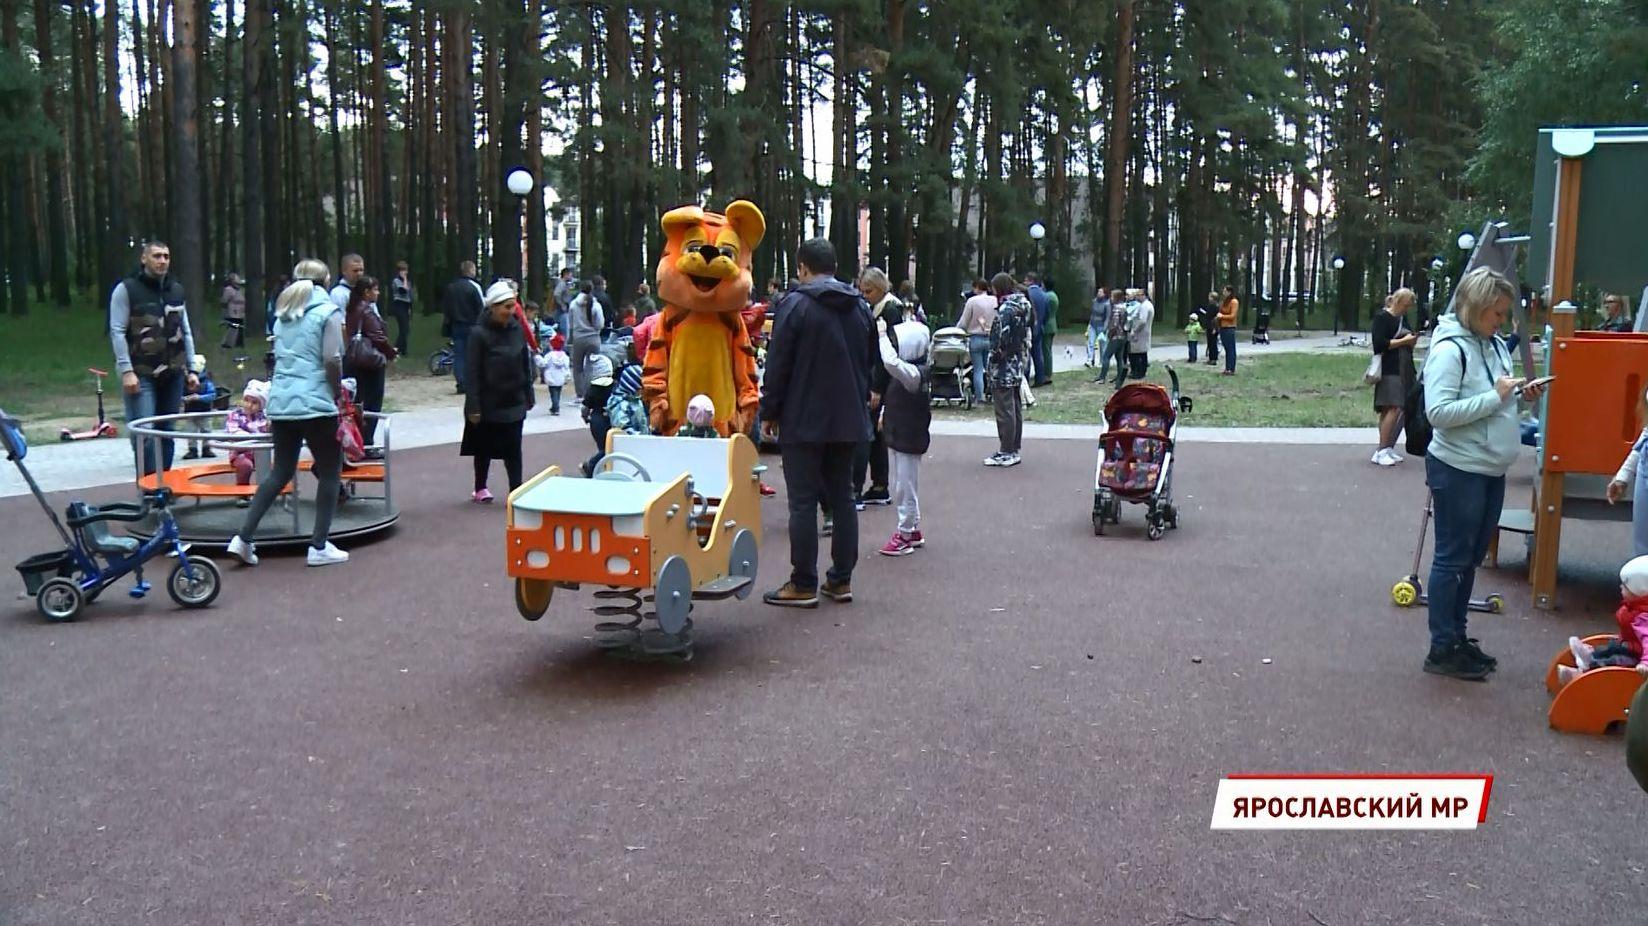 В Ярославском районе в «Красном Бору» появился парк с детской площадкой и зоной отдыха